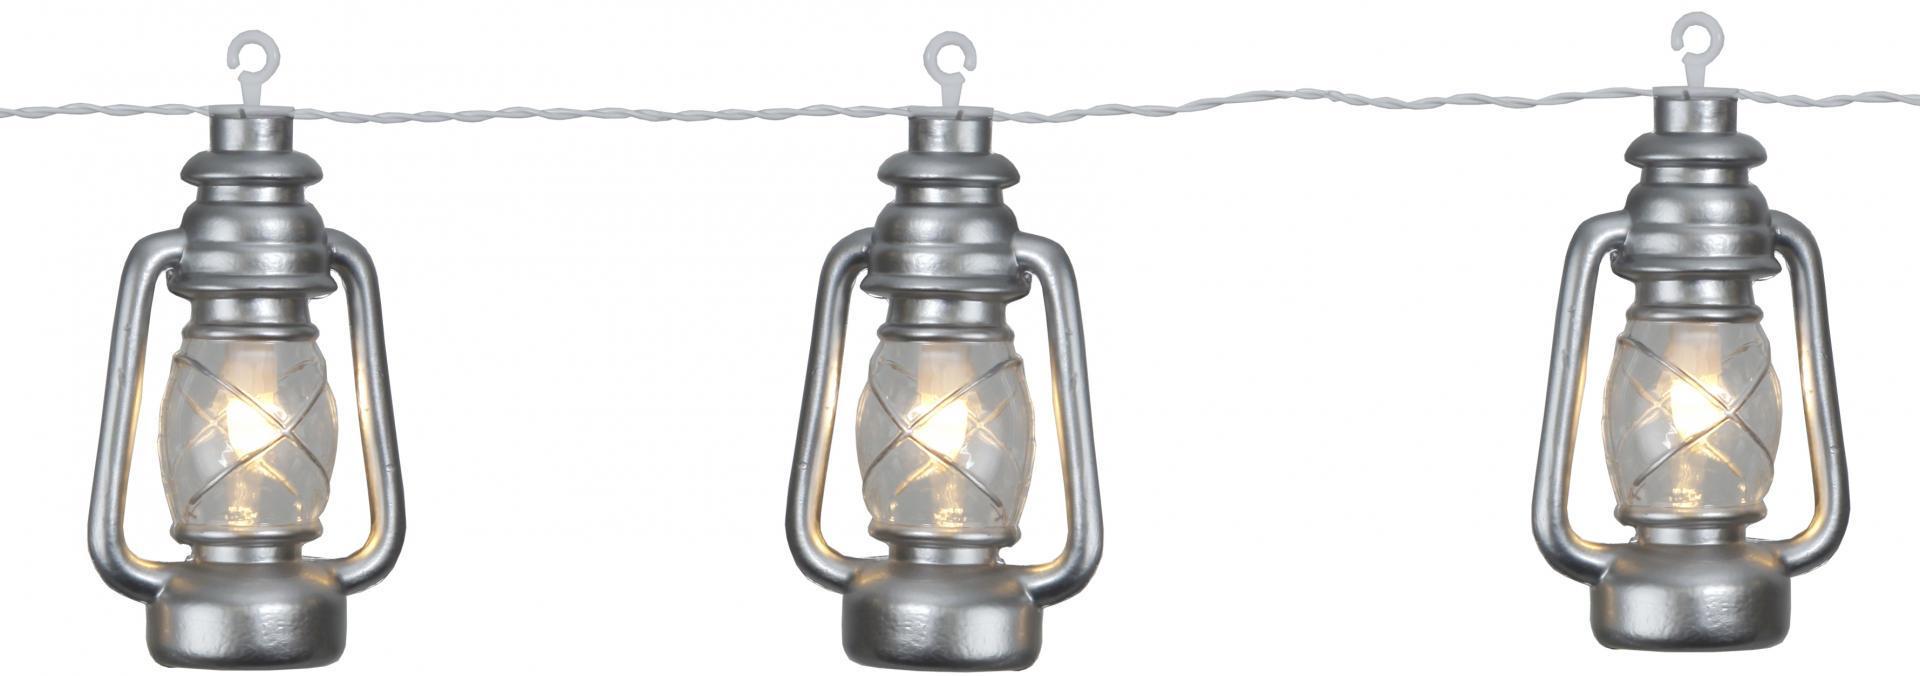 STAR TRADING Světelný LED řetěz Silver Lantern, stříbrná barva, plast